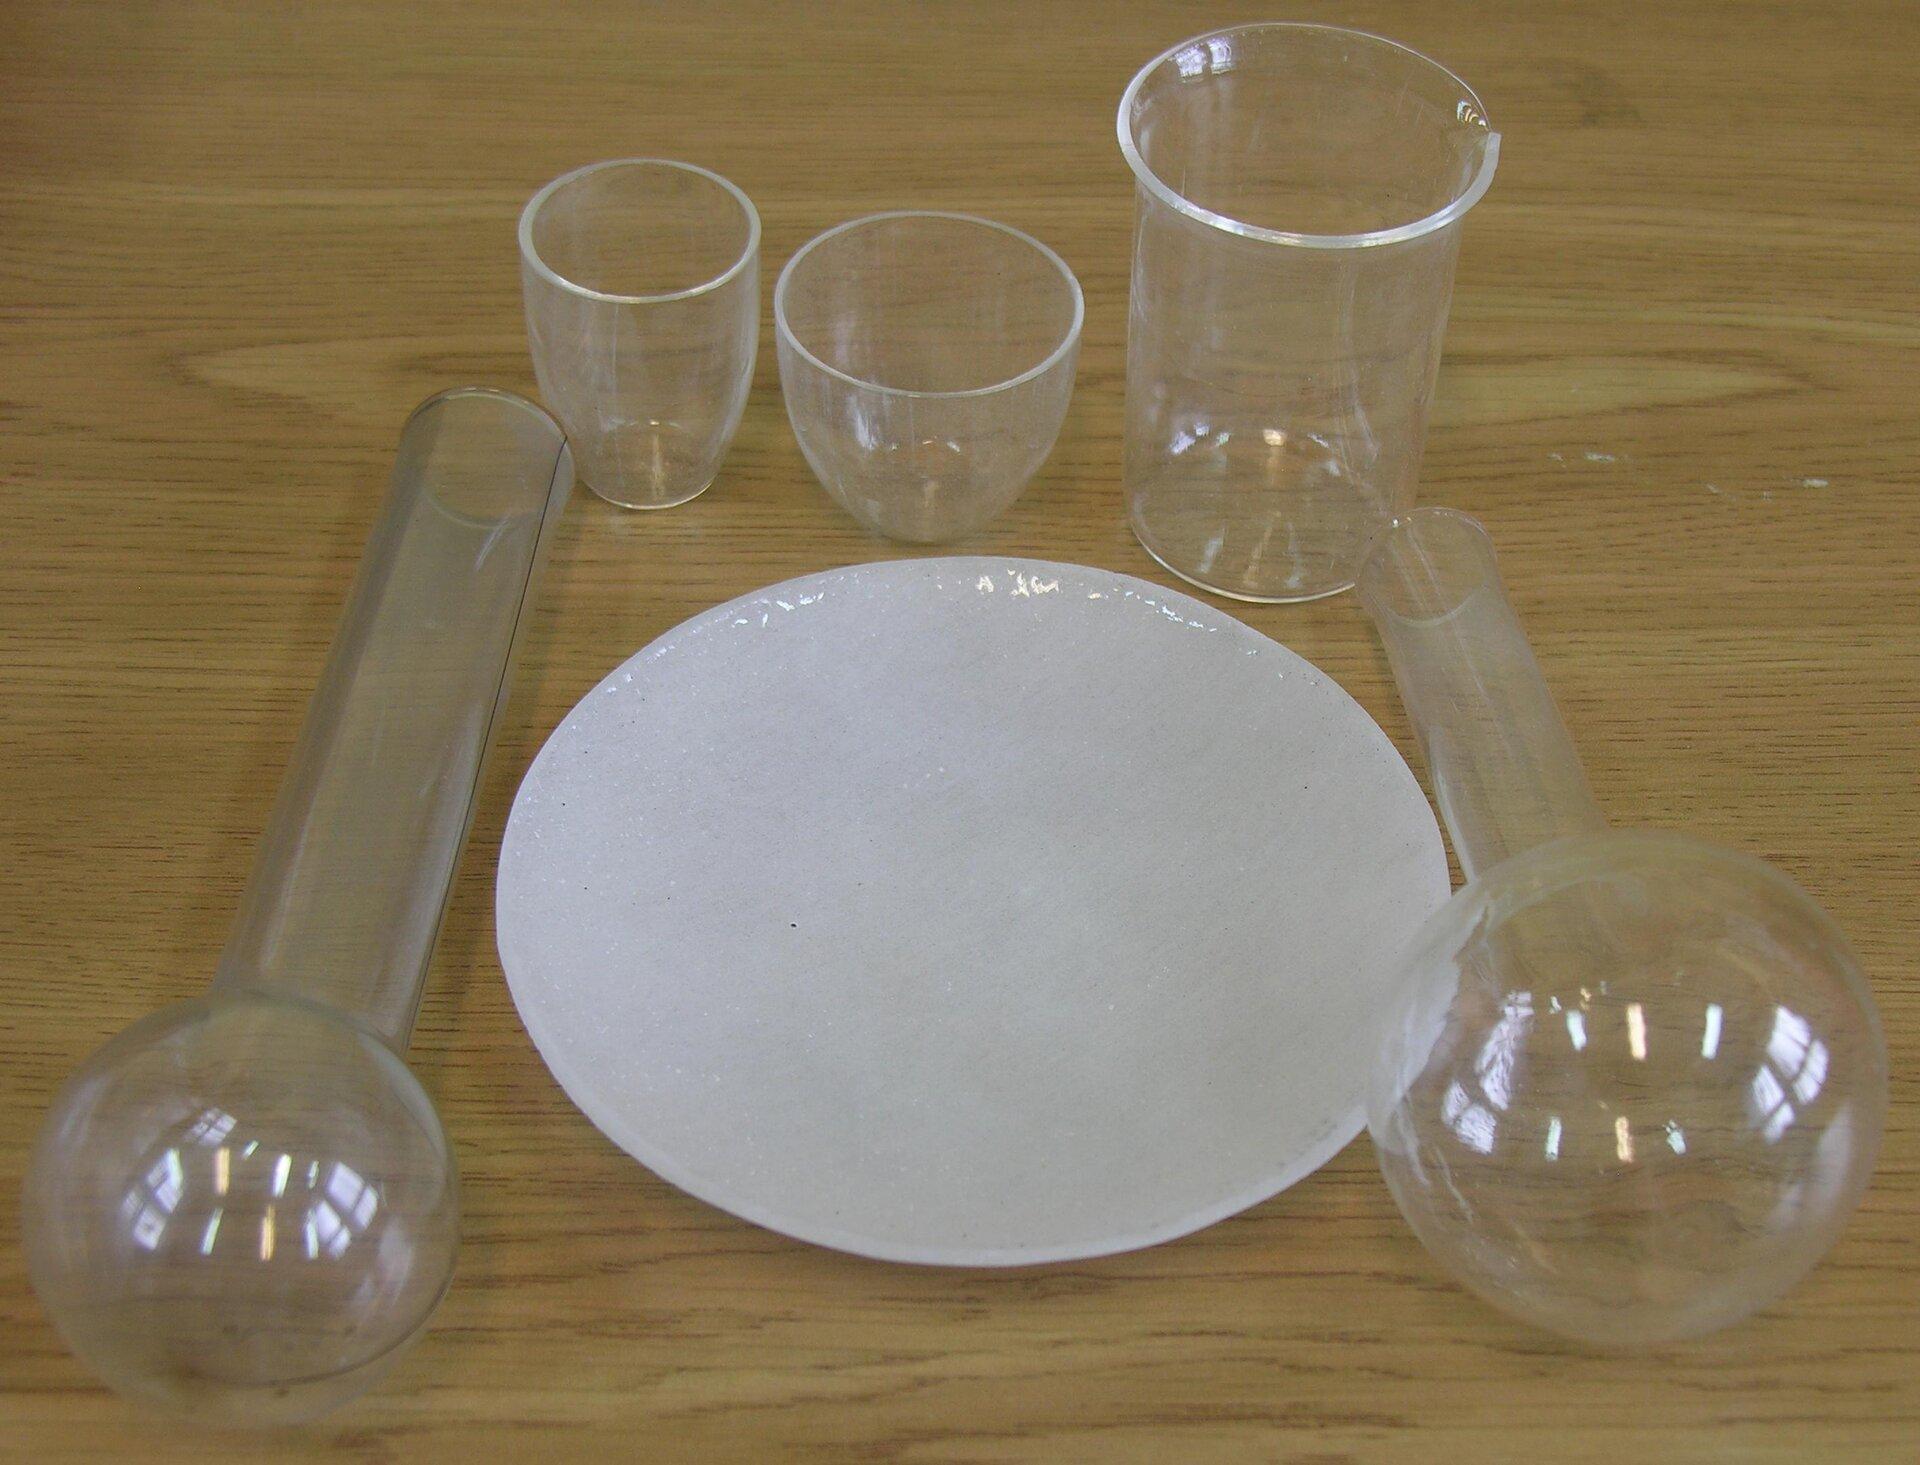 Fotografia przedstawia zestaw do doświadczeń chemicznych. Są to szklane naczynia laboratoryjne oróżnych kształtach, niezbędne do pracy zsubstancjami wpracowni przyrodniczej.